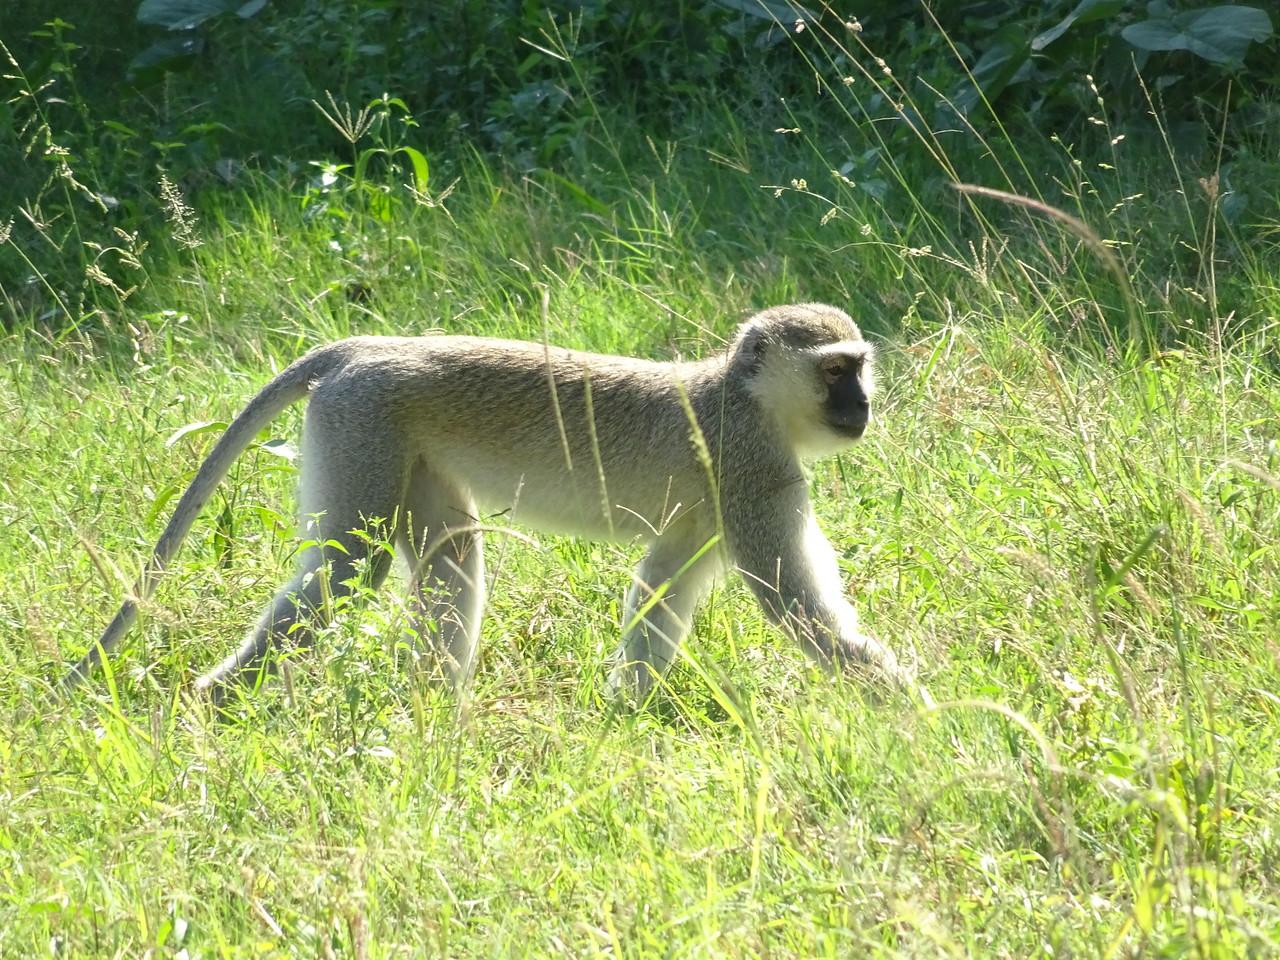 098_Okavango Delta, Moremi Game Reserve  4WD Safari  Velvet Monkey